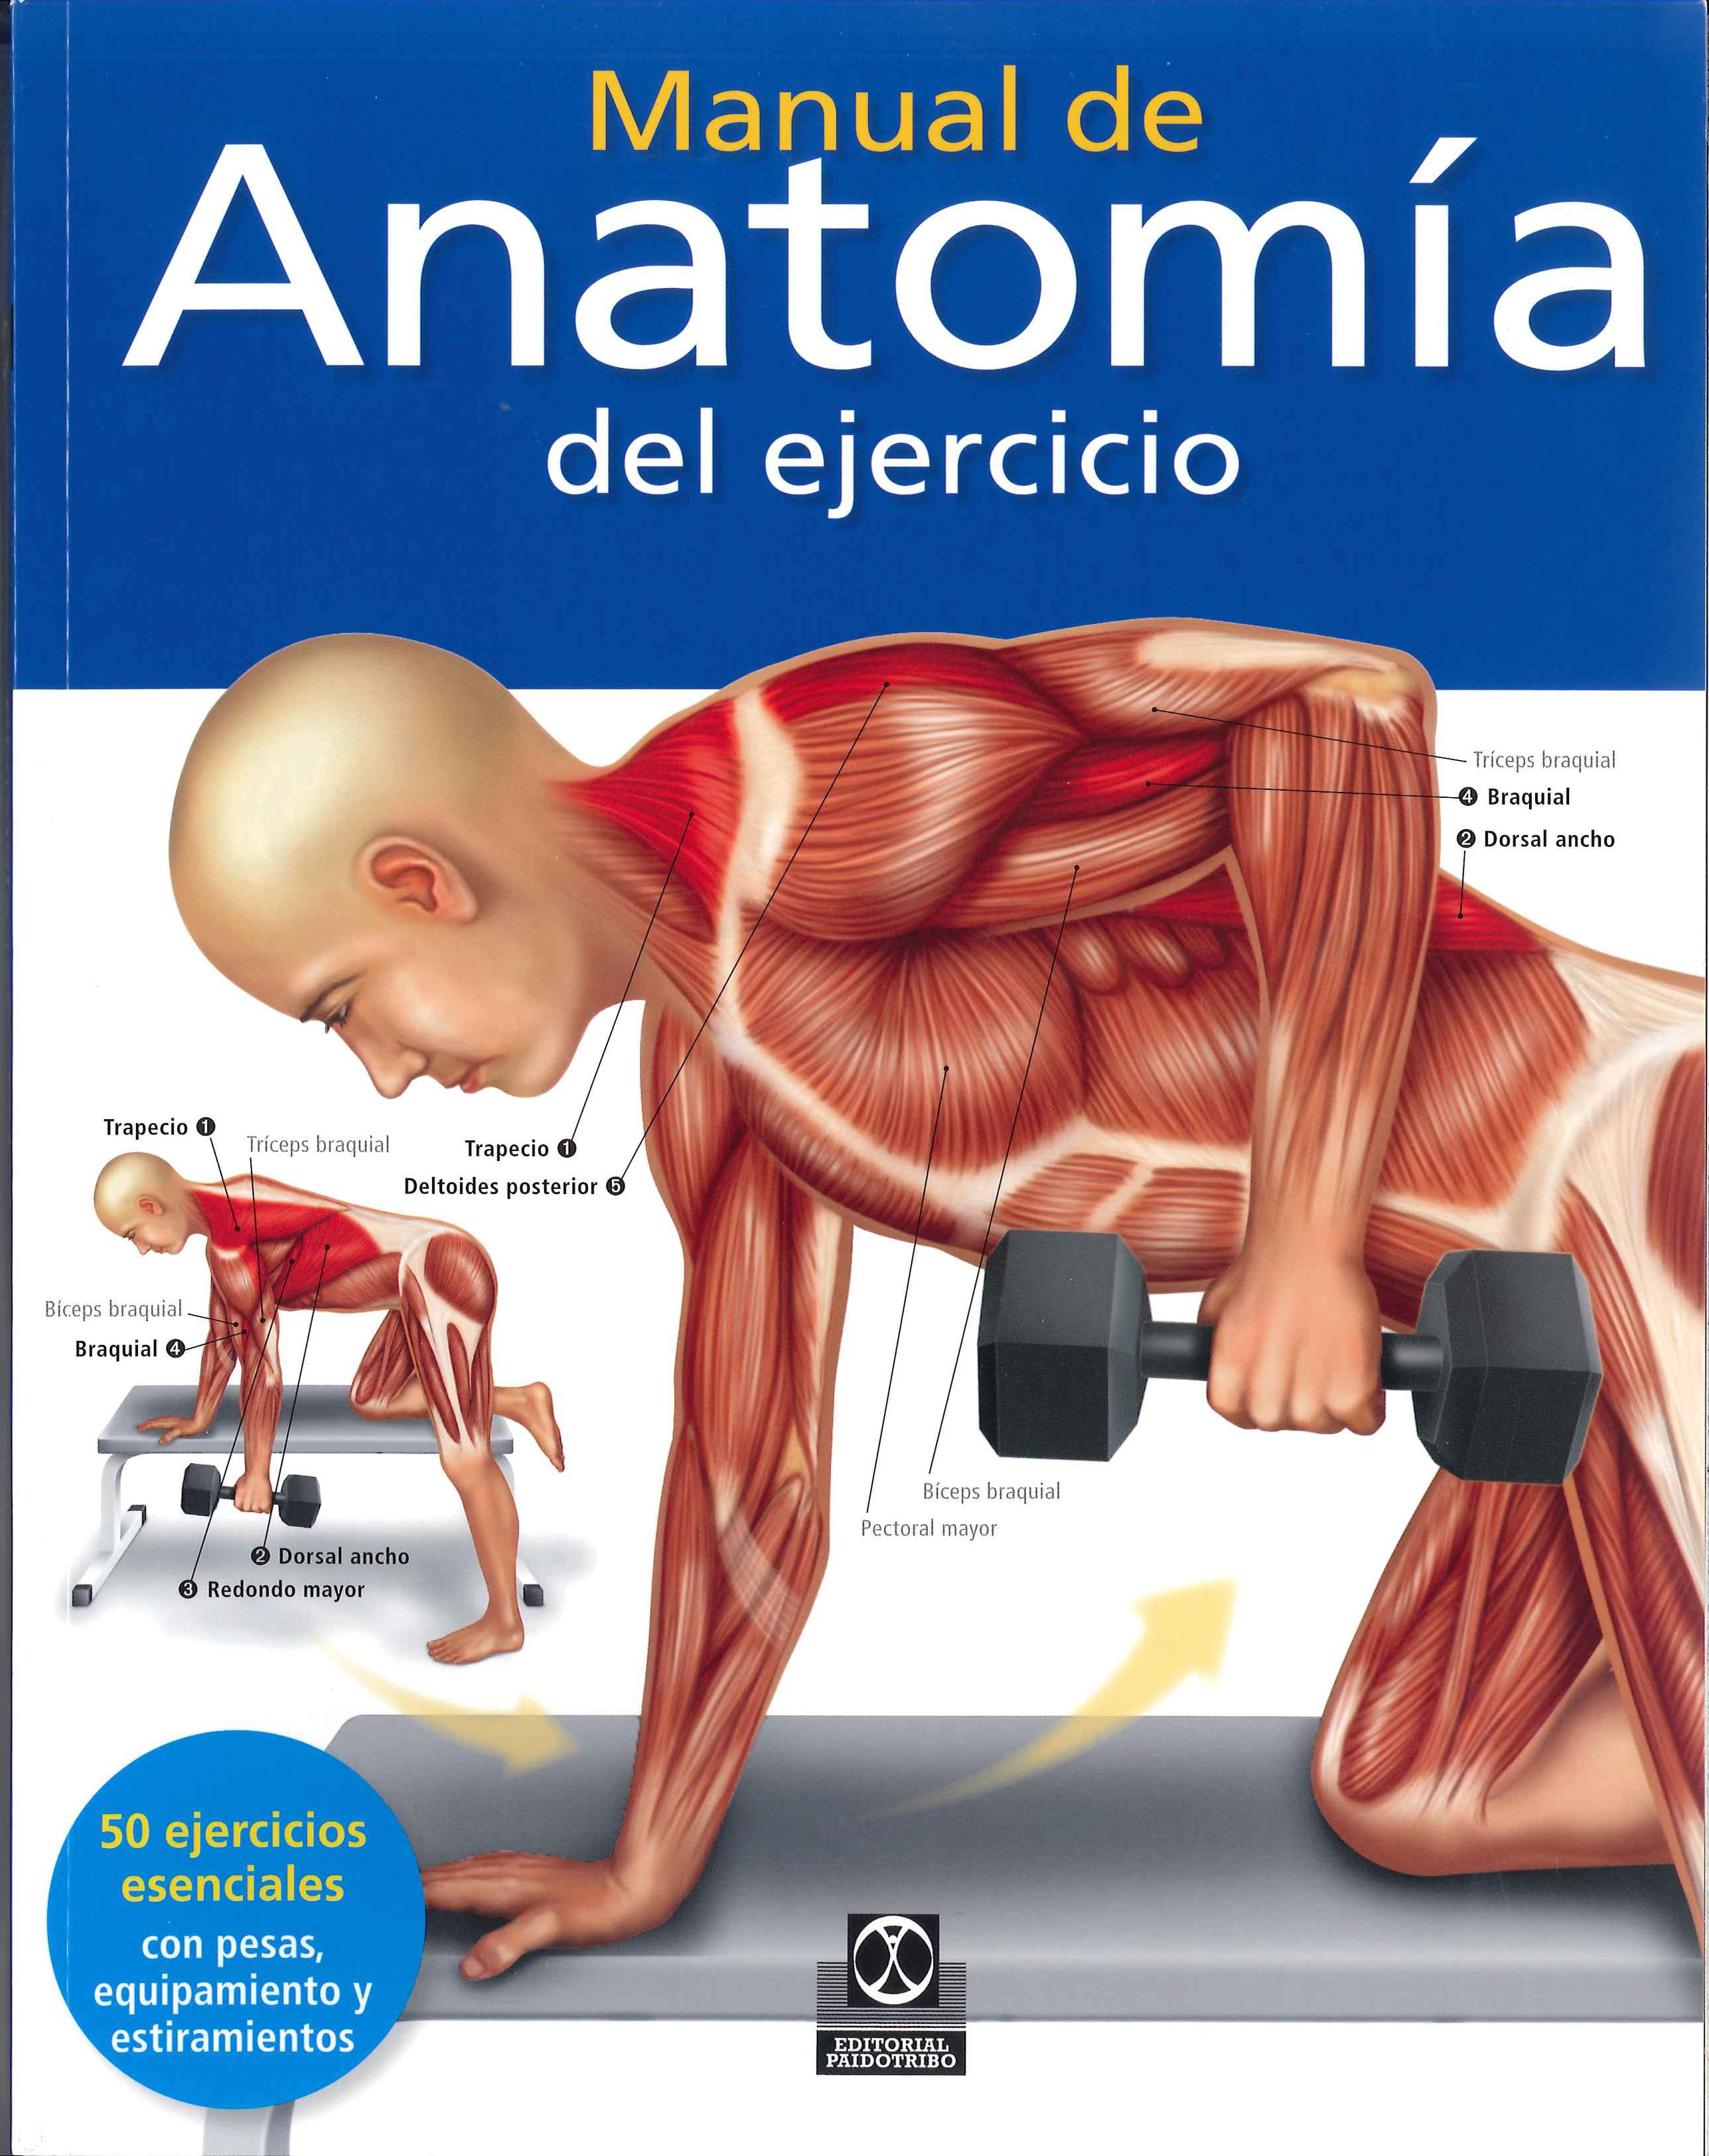 MANUAL DE ANATOMÍA DEL EJERCICIO